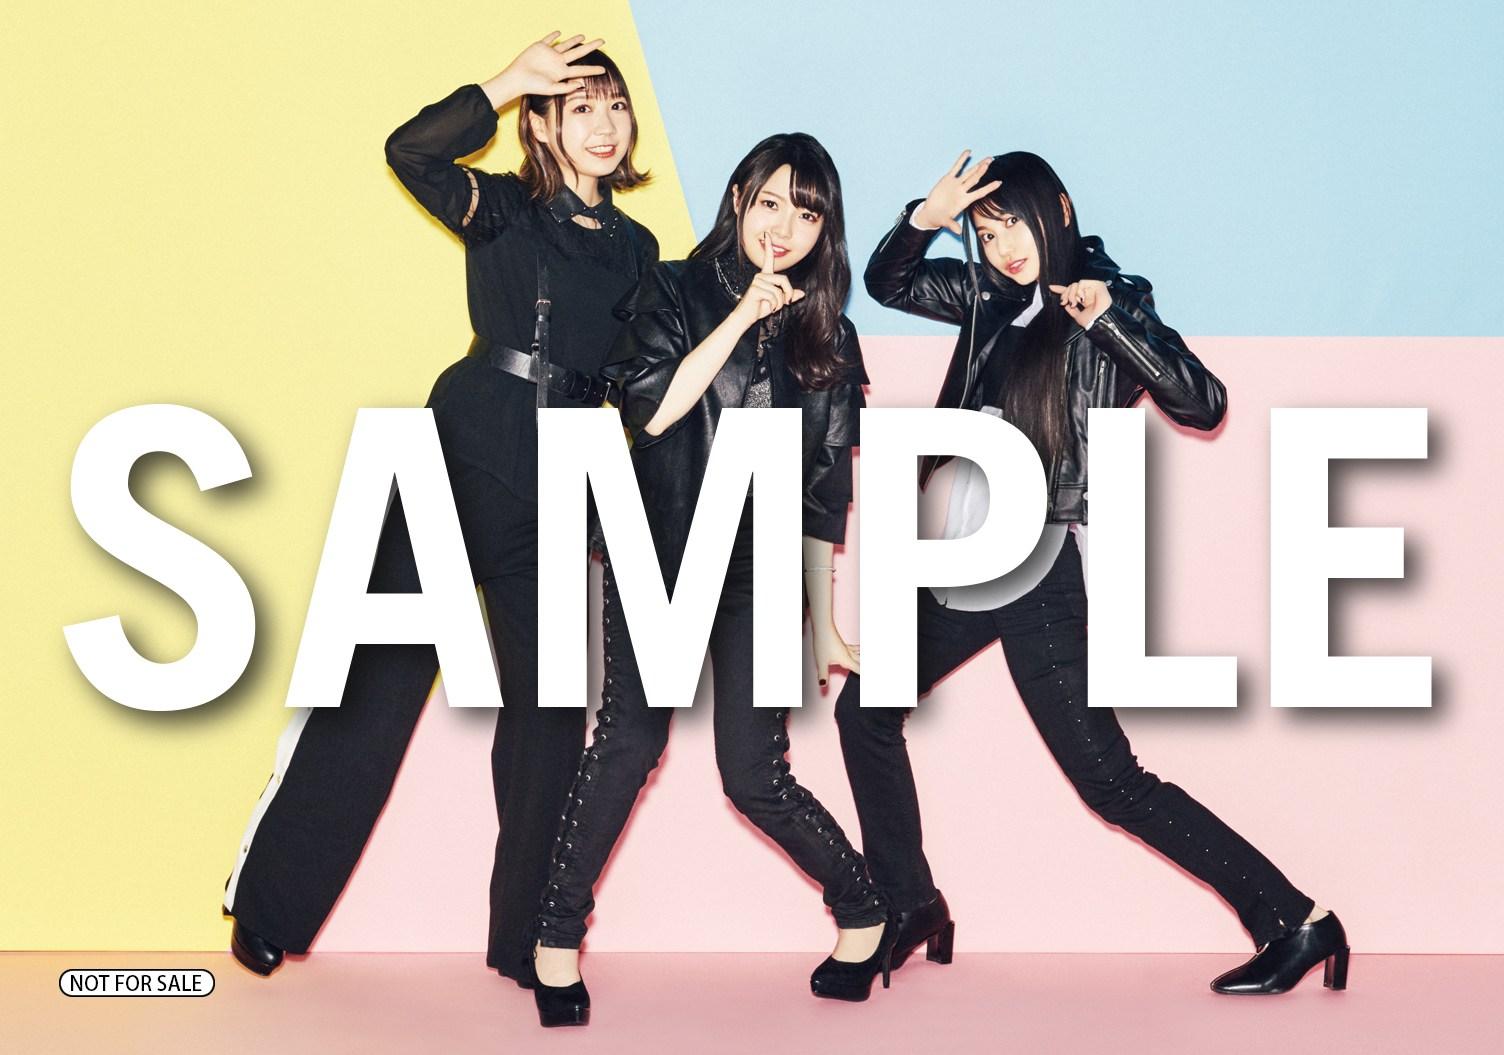 성우 유닛 TrySail 새로운 싱글 음반 점포별 구입 ..